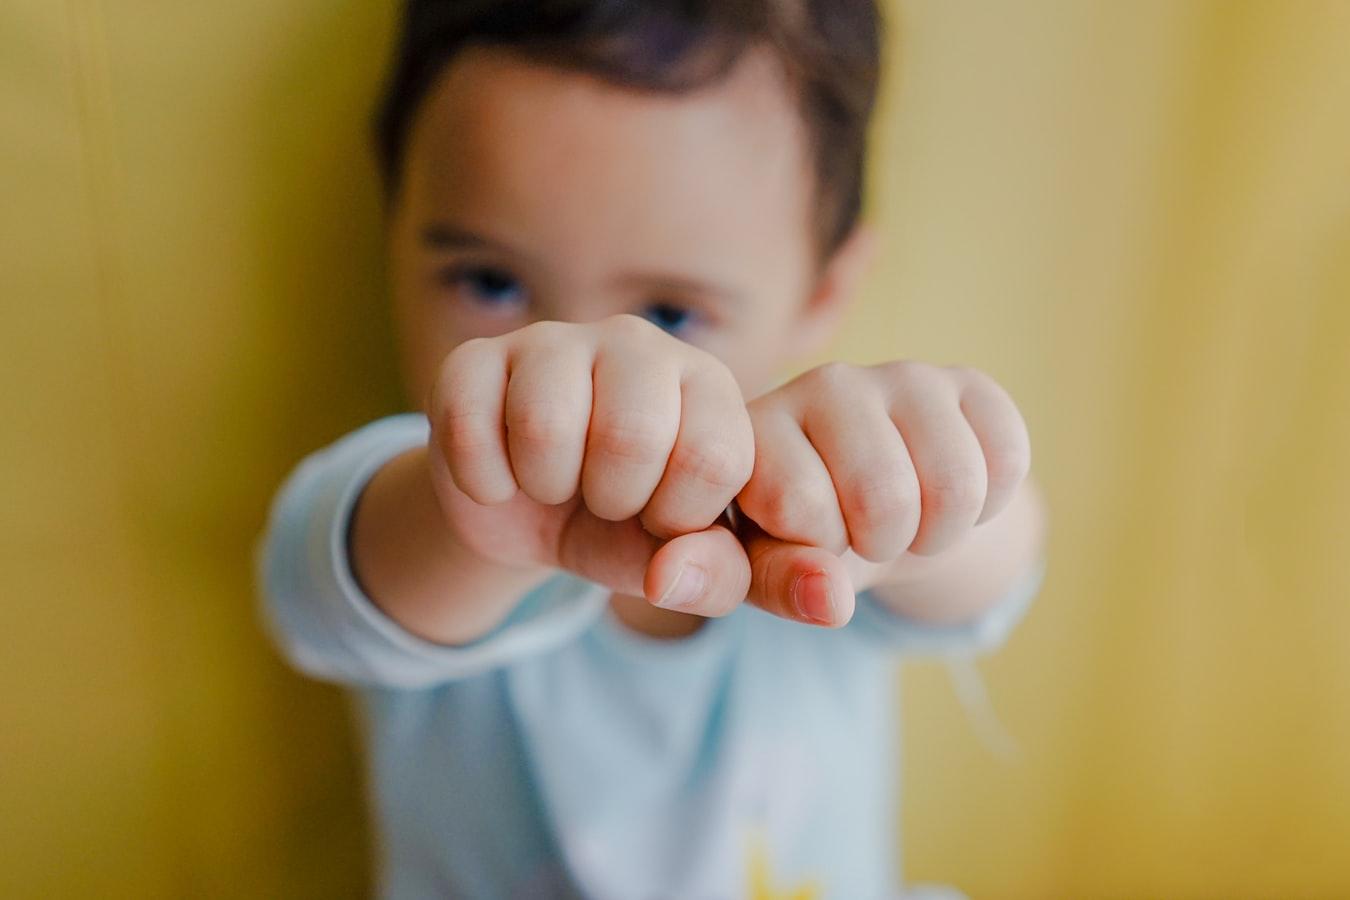 拳頭力量決定生命長短?6動作加強握力健康又長壽!